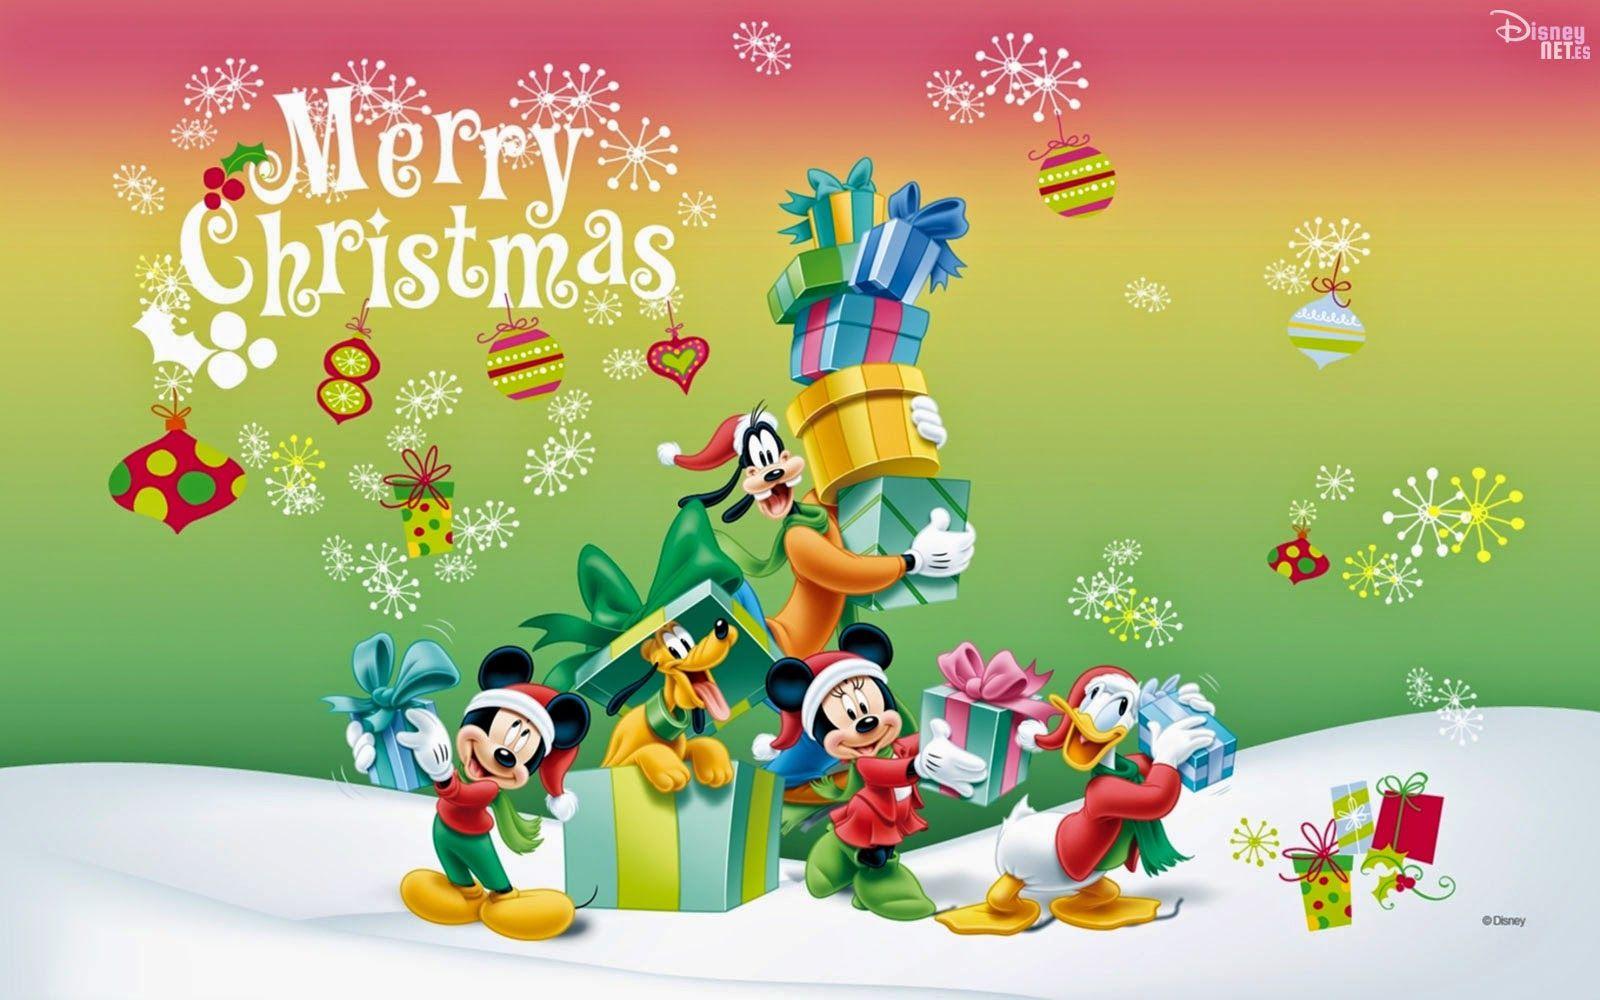 Felicitaciones De Navidad De Disney.Fondos De Disney En Navidad Navidad Disney Navidad